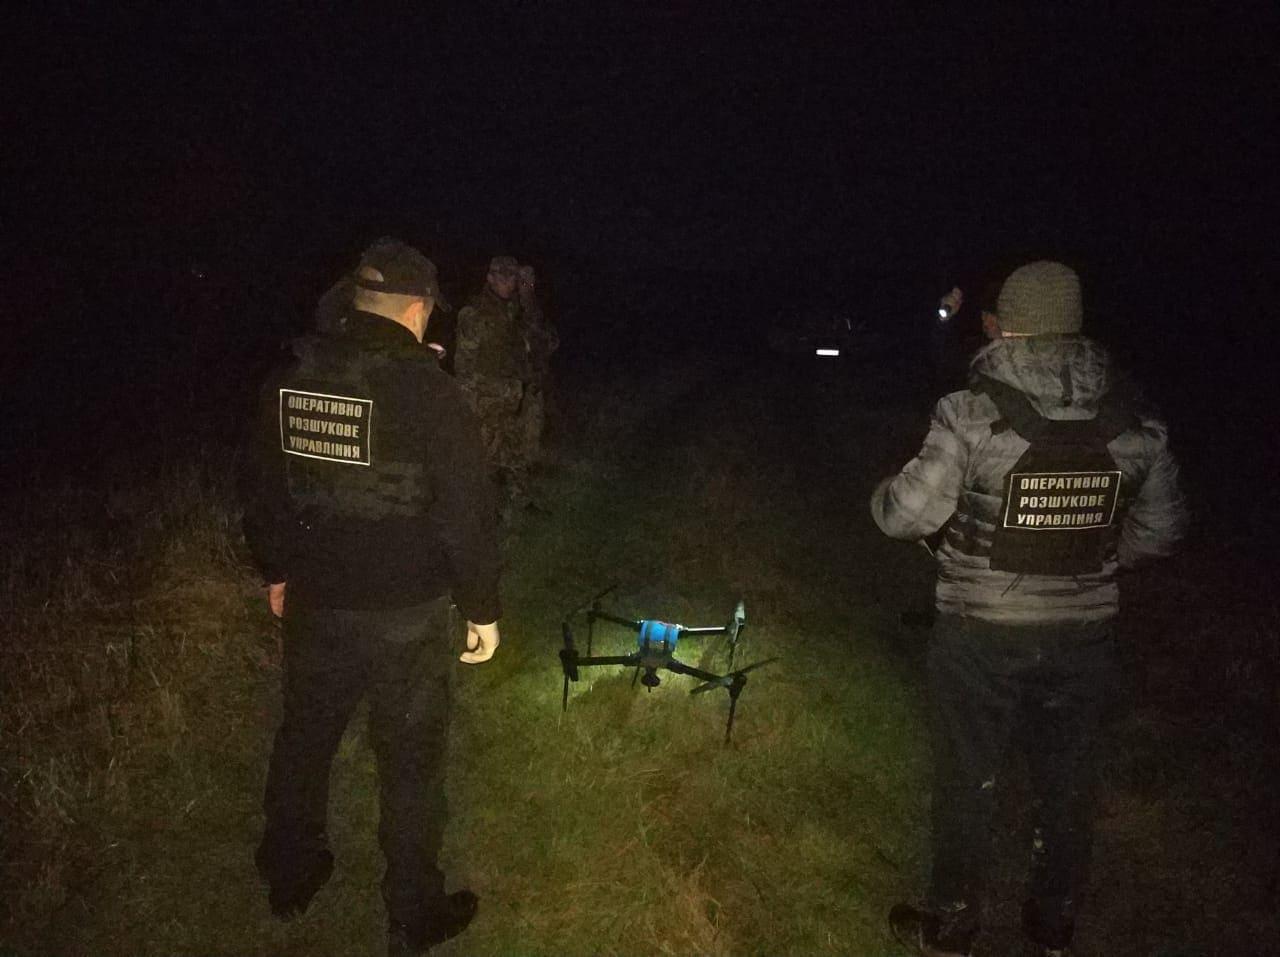 Вночі закарпатські прикордонники затримали контрабандистів, що намагалися переправити сигарети дроном